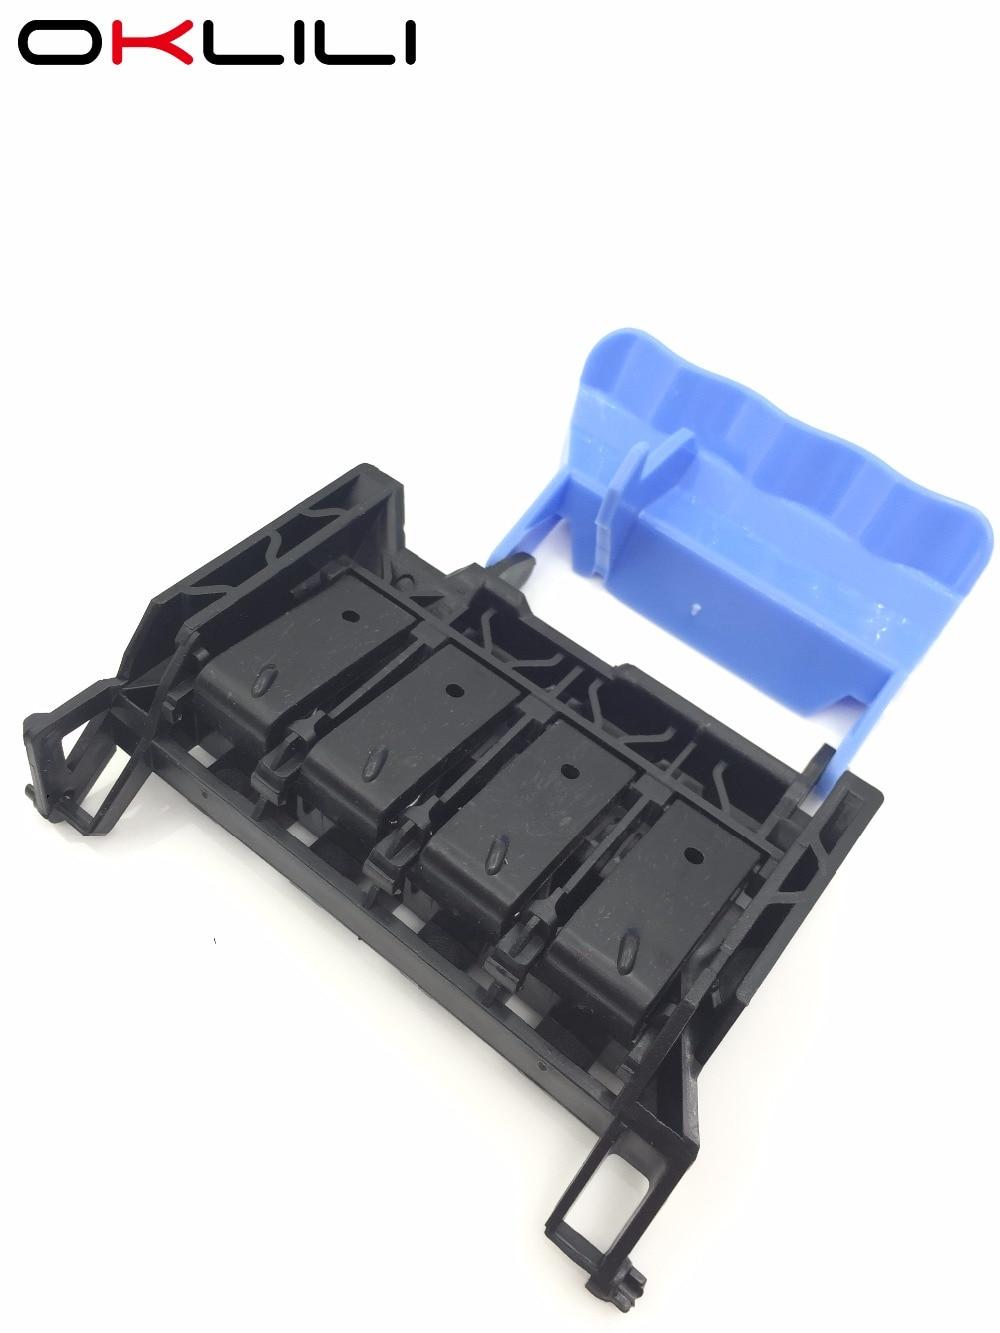 10x c7769 69376 tampa do carro cabeca de impressao conjunto do carro para hp 820mfp 750c